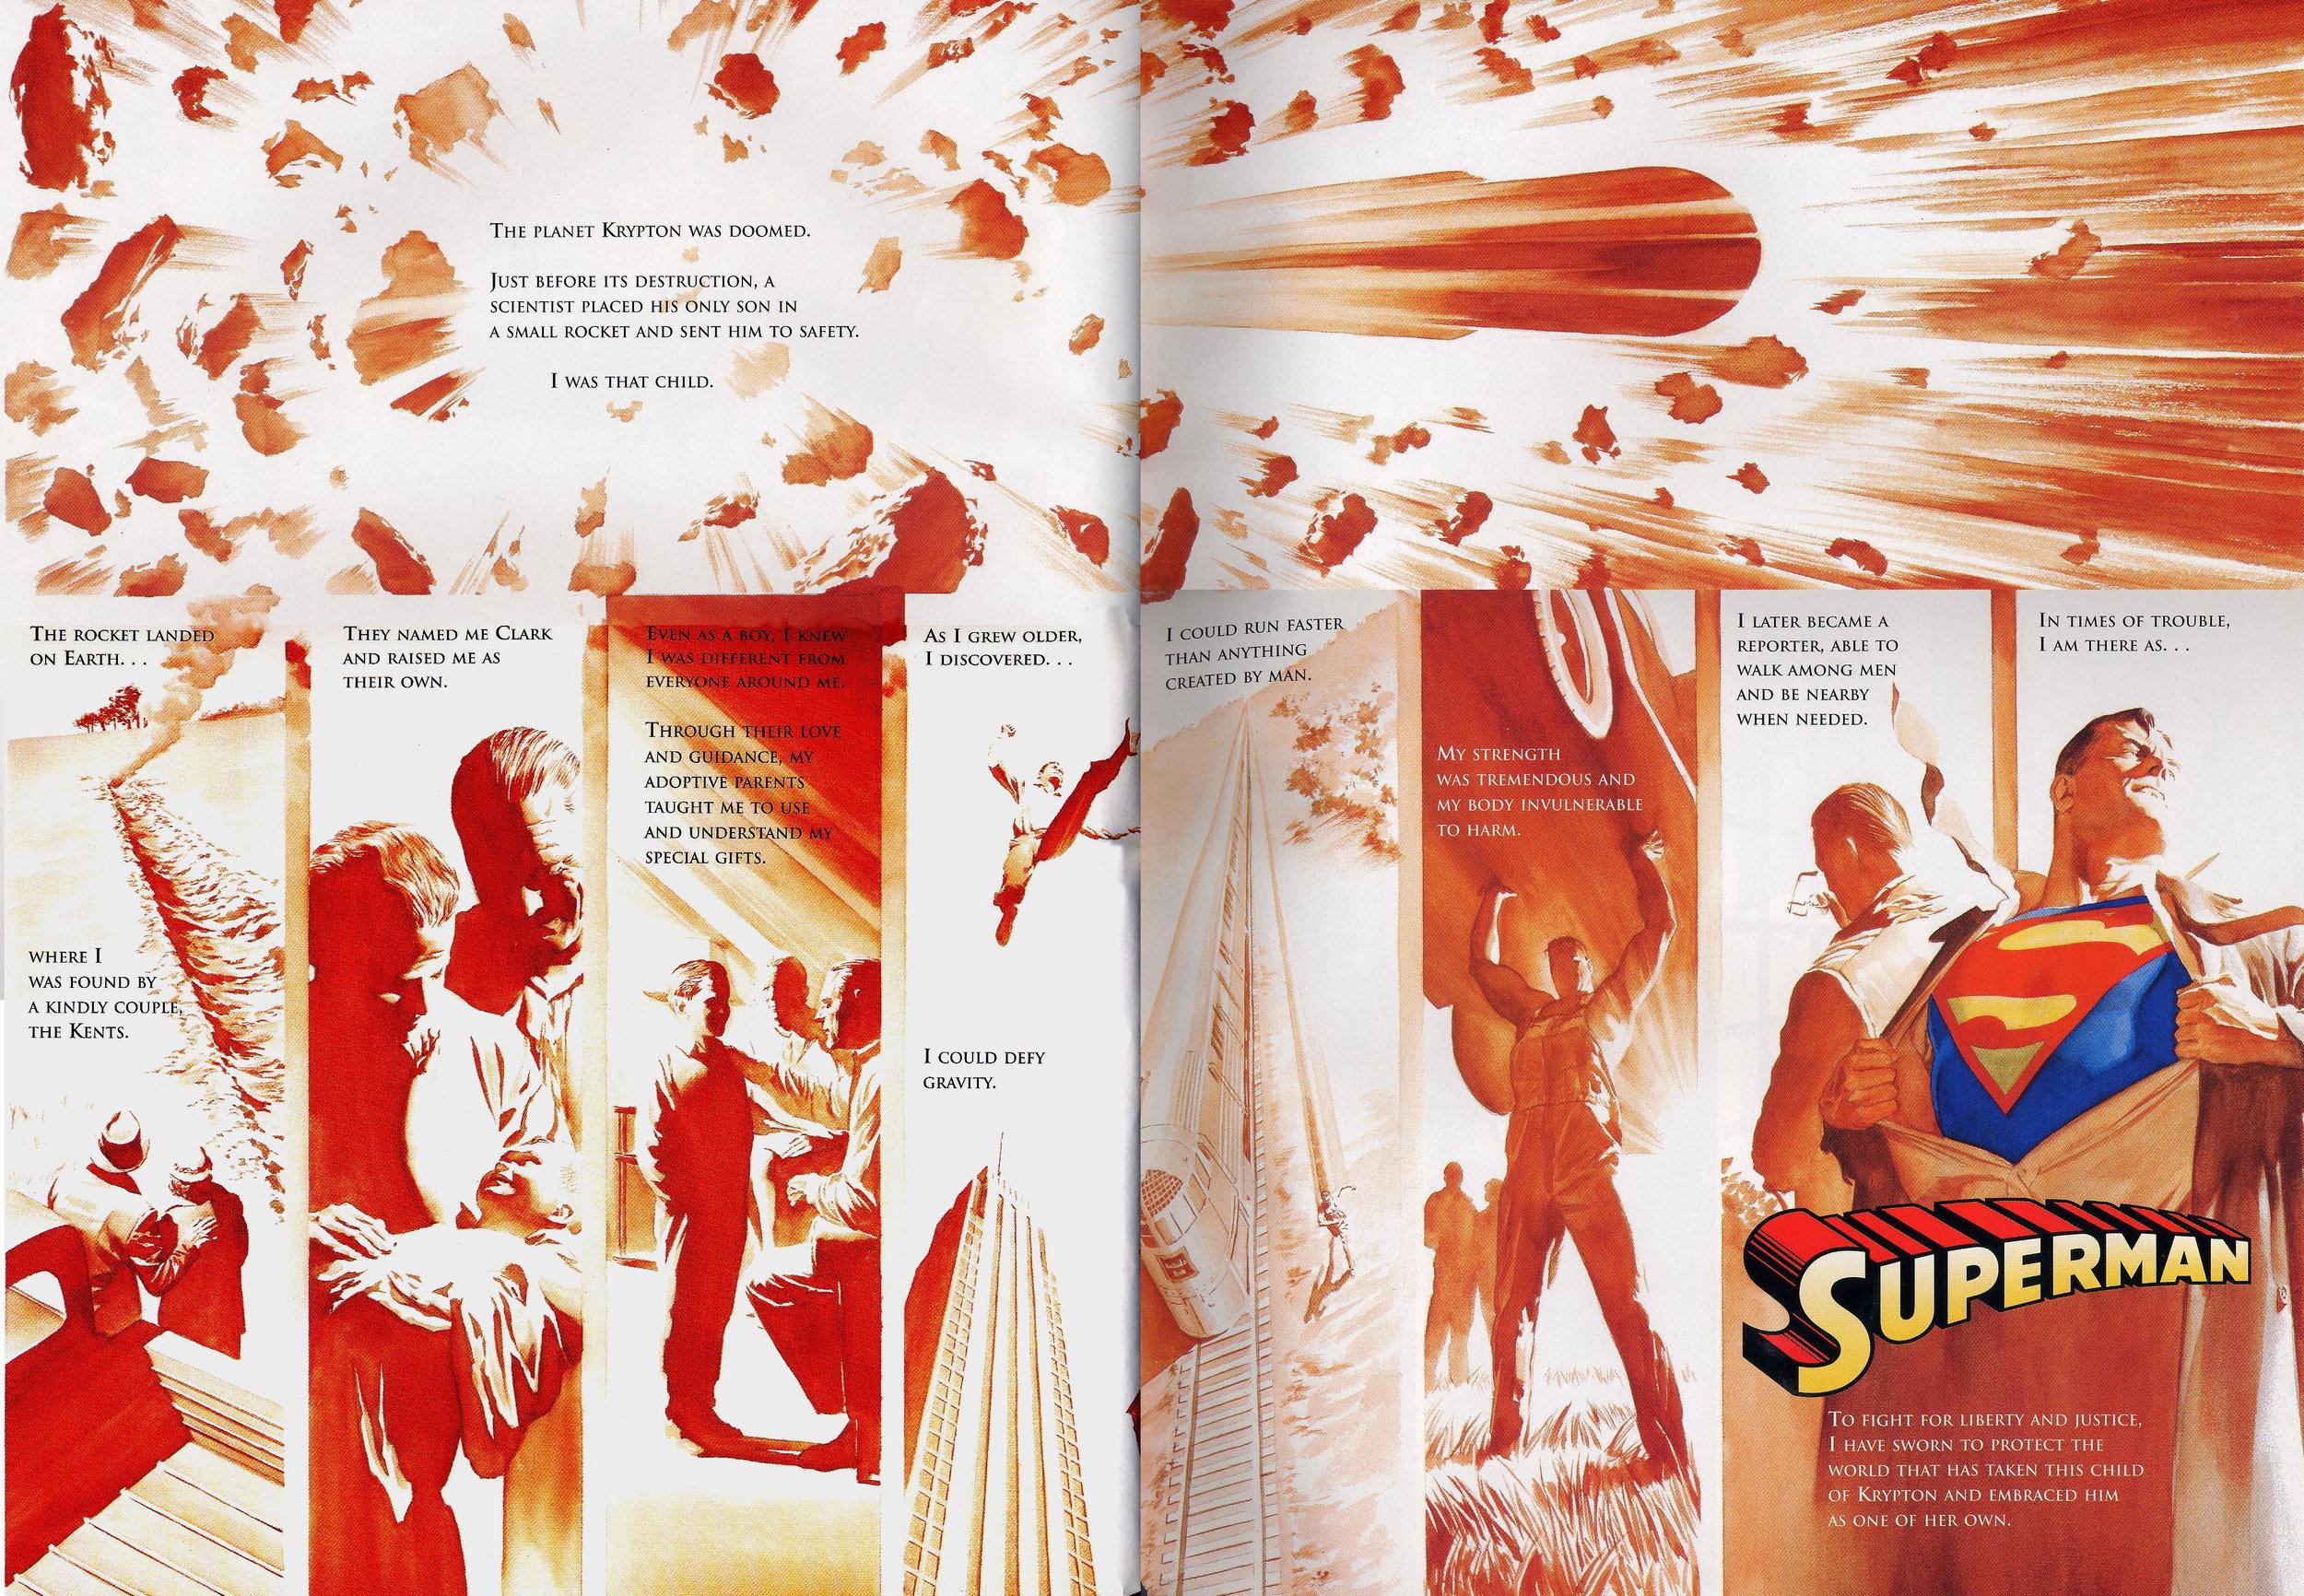 JLA: Secret Origins (2002) Superman, written by Paul Dini with art by Alex Ross.